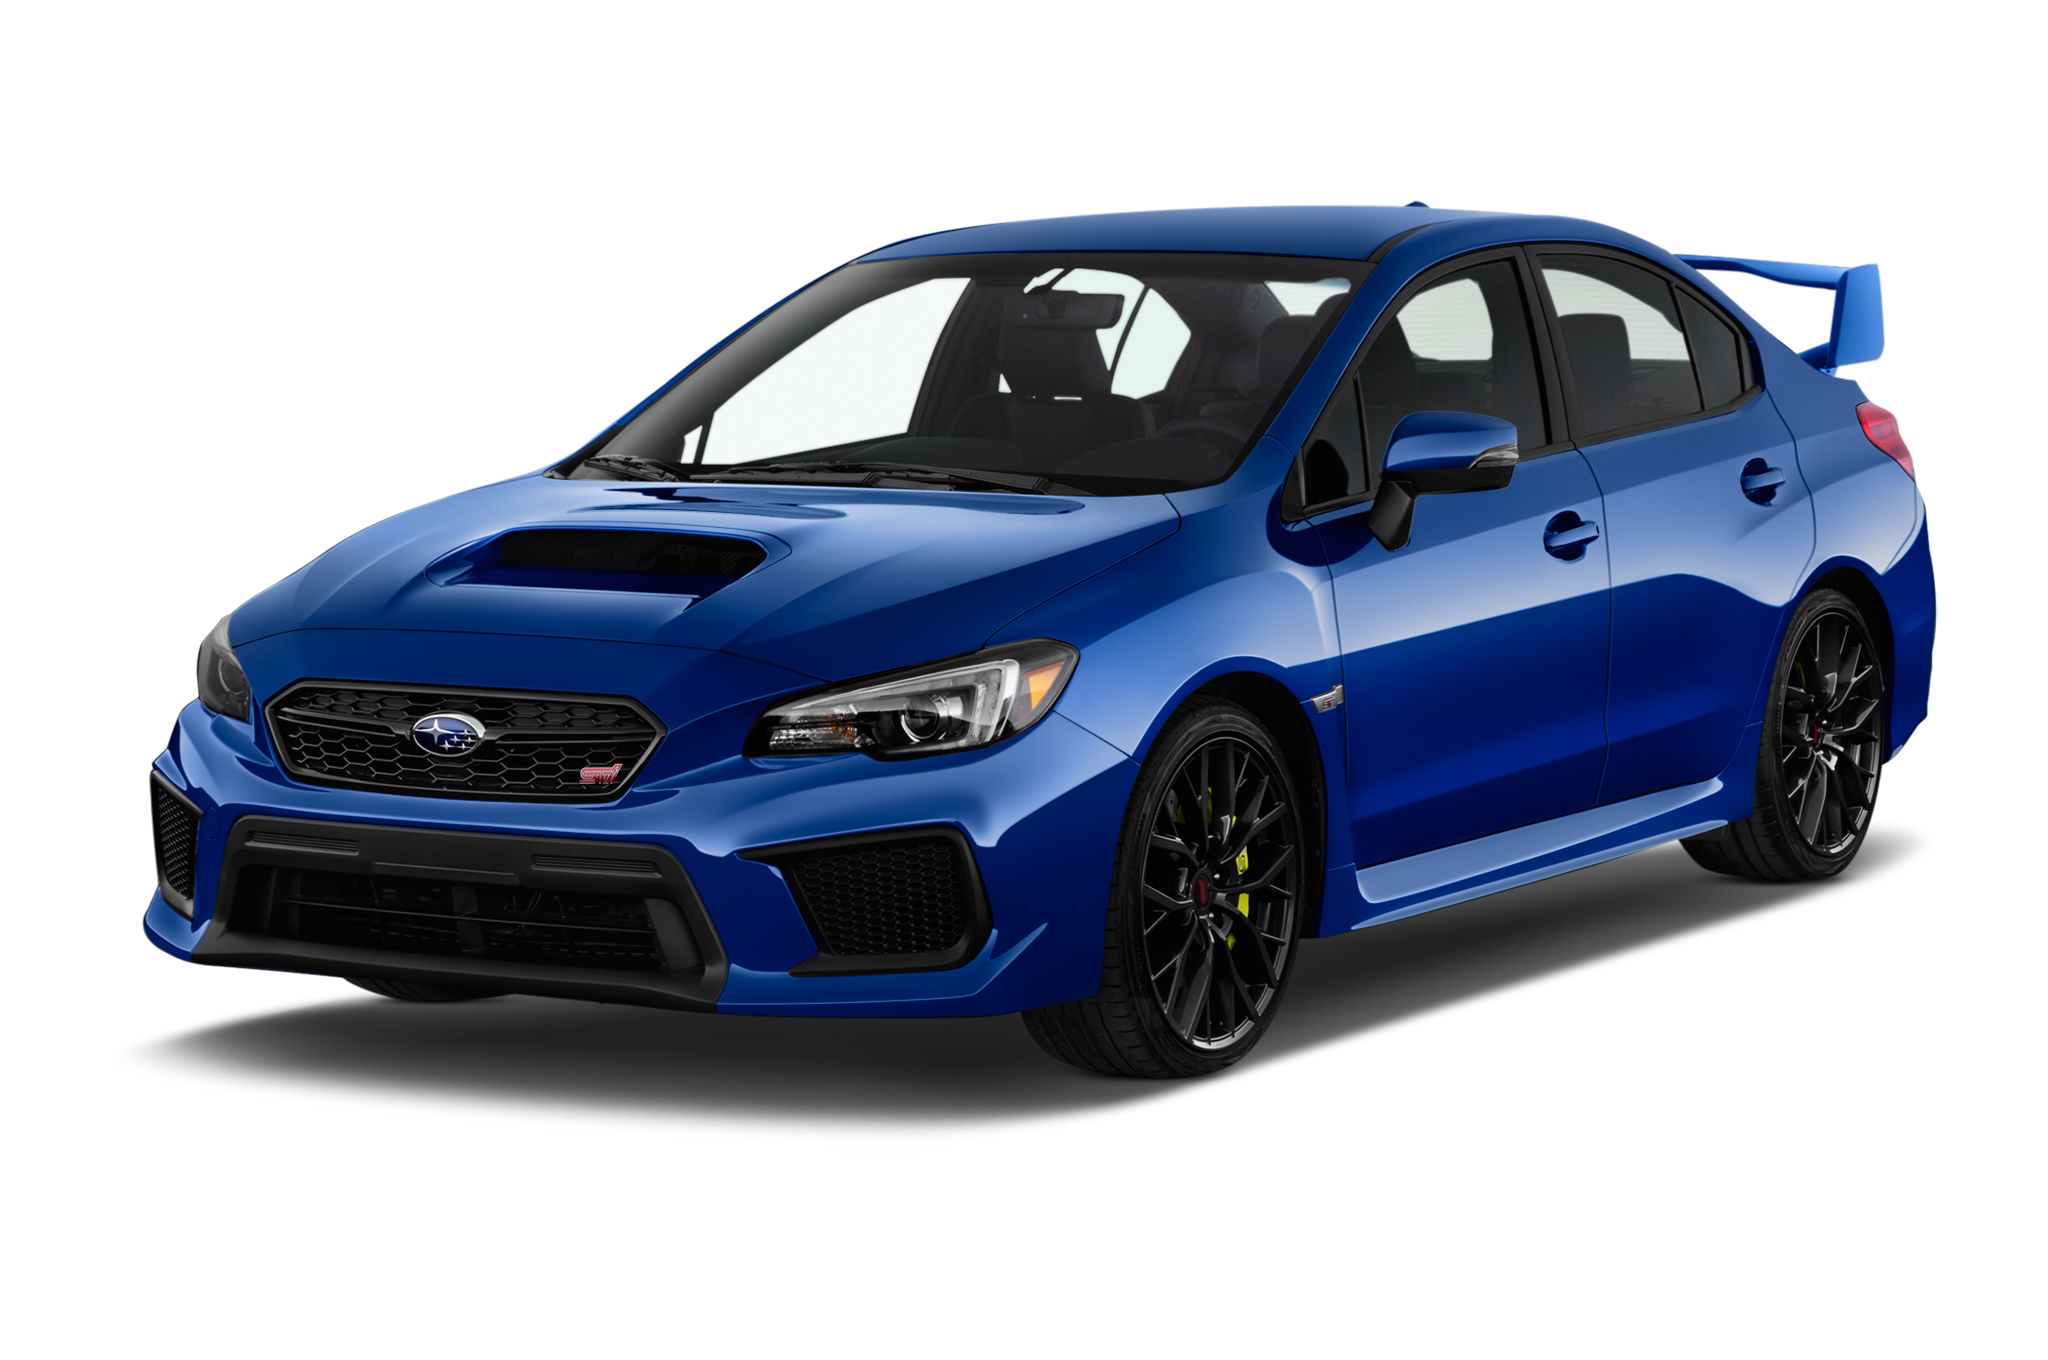 2019 Subaru WRX STI Overview